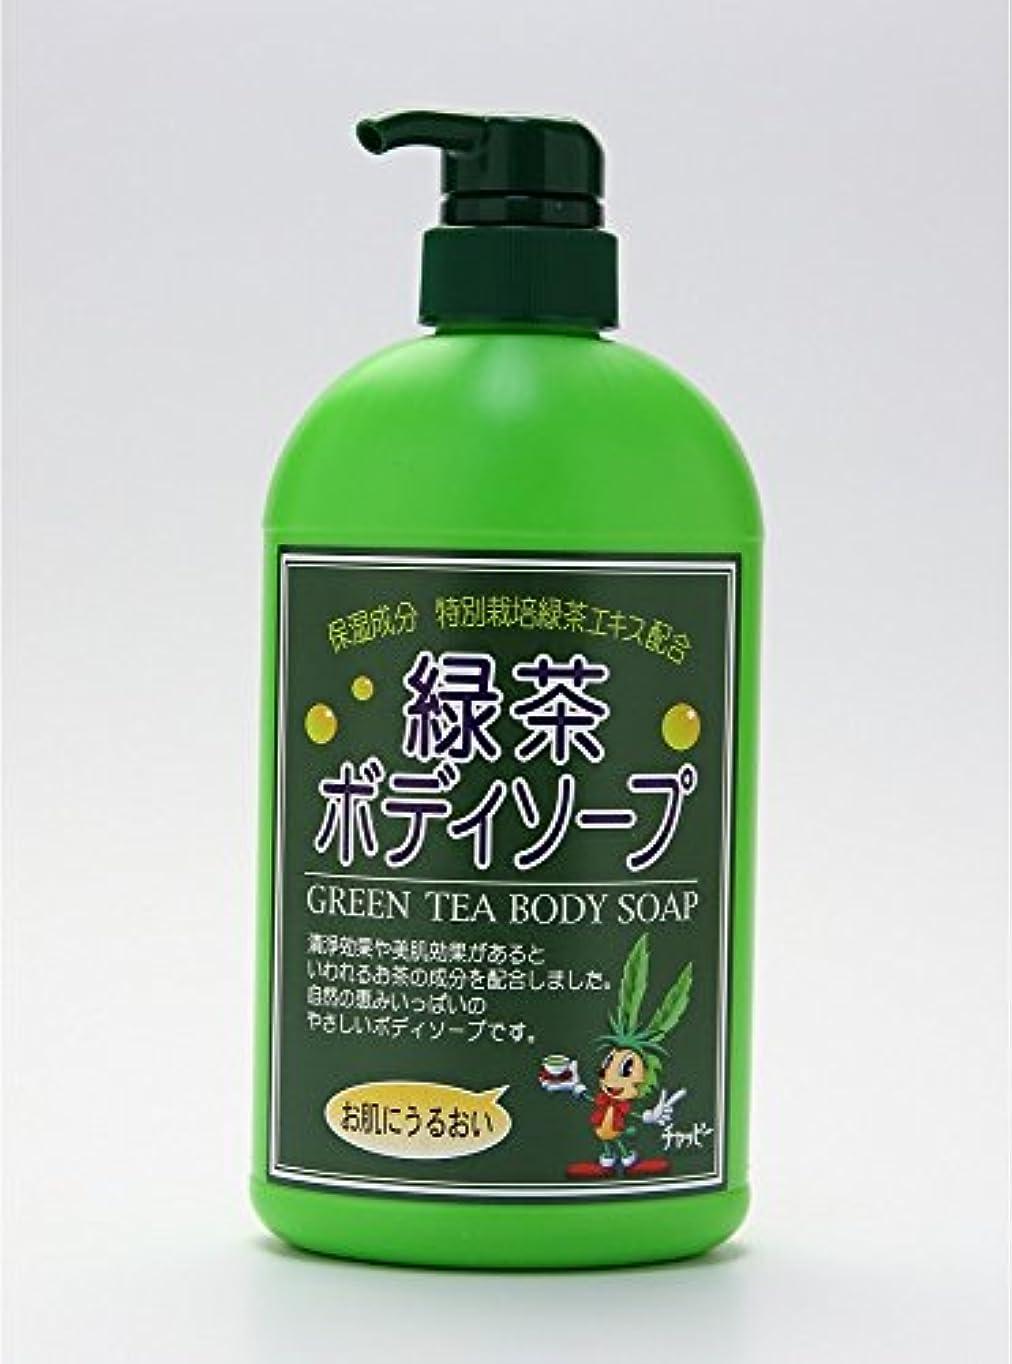 セラー深遠引退した緑茶ボディーソープ 550ml